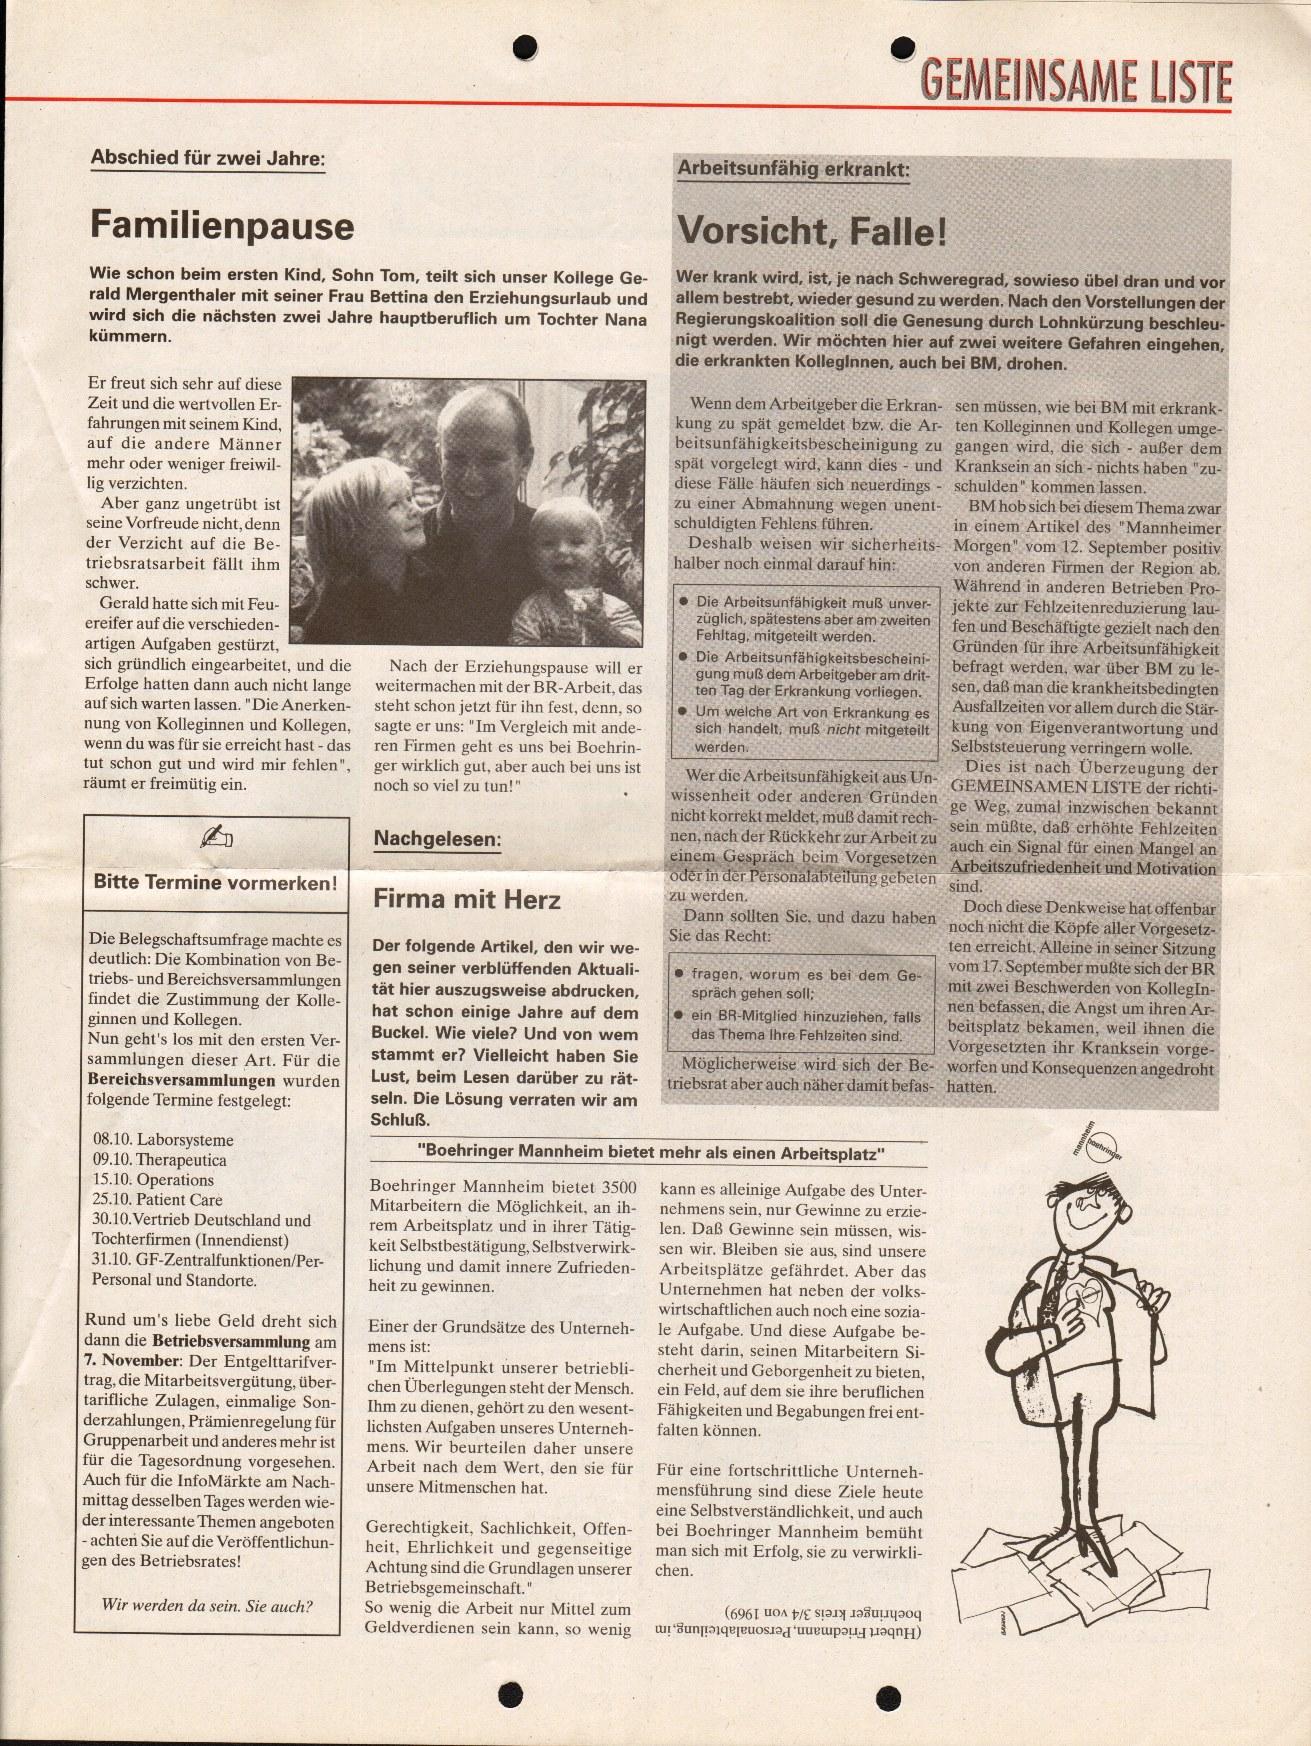 Mannheim_Boehringer_Gemeinsame_Liste_1996_02_03